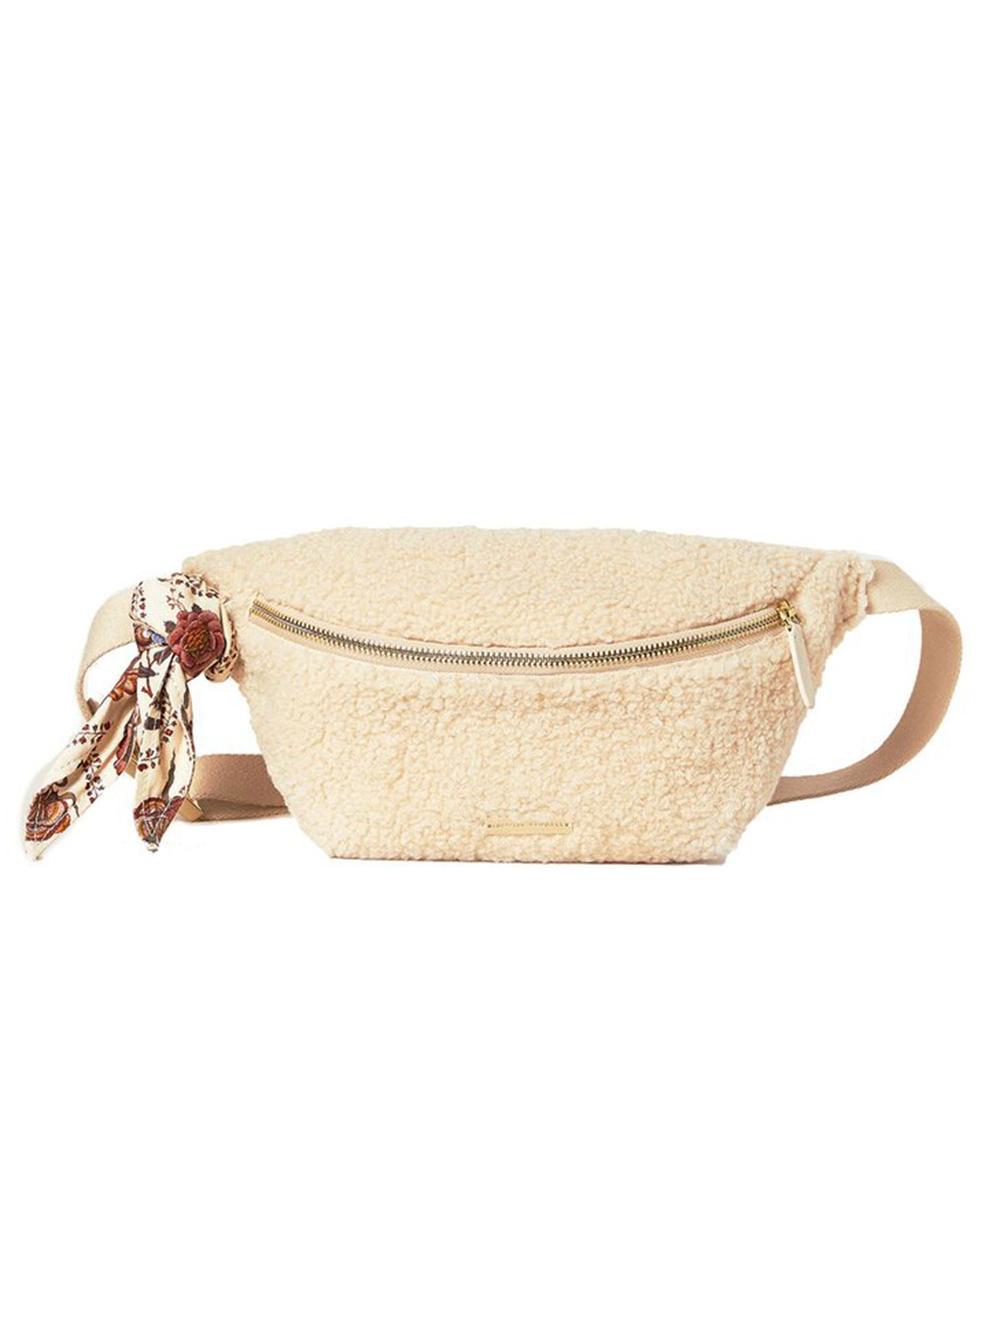 Sofie Belt Bag Item # SOFIE-FA